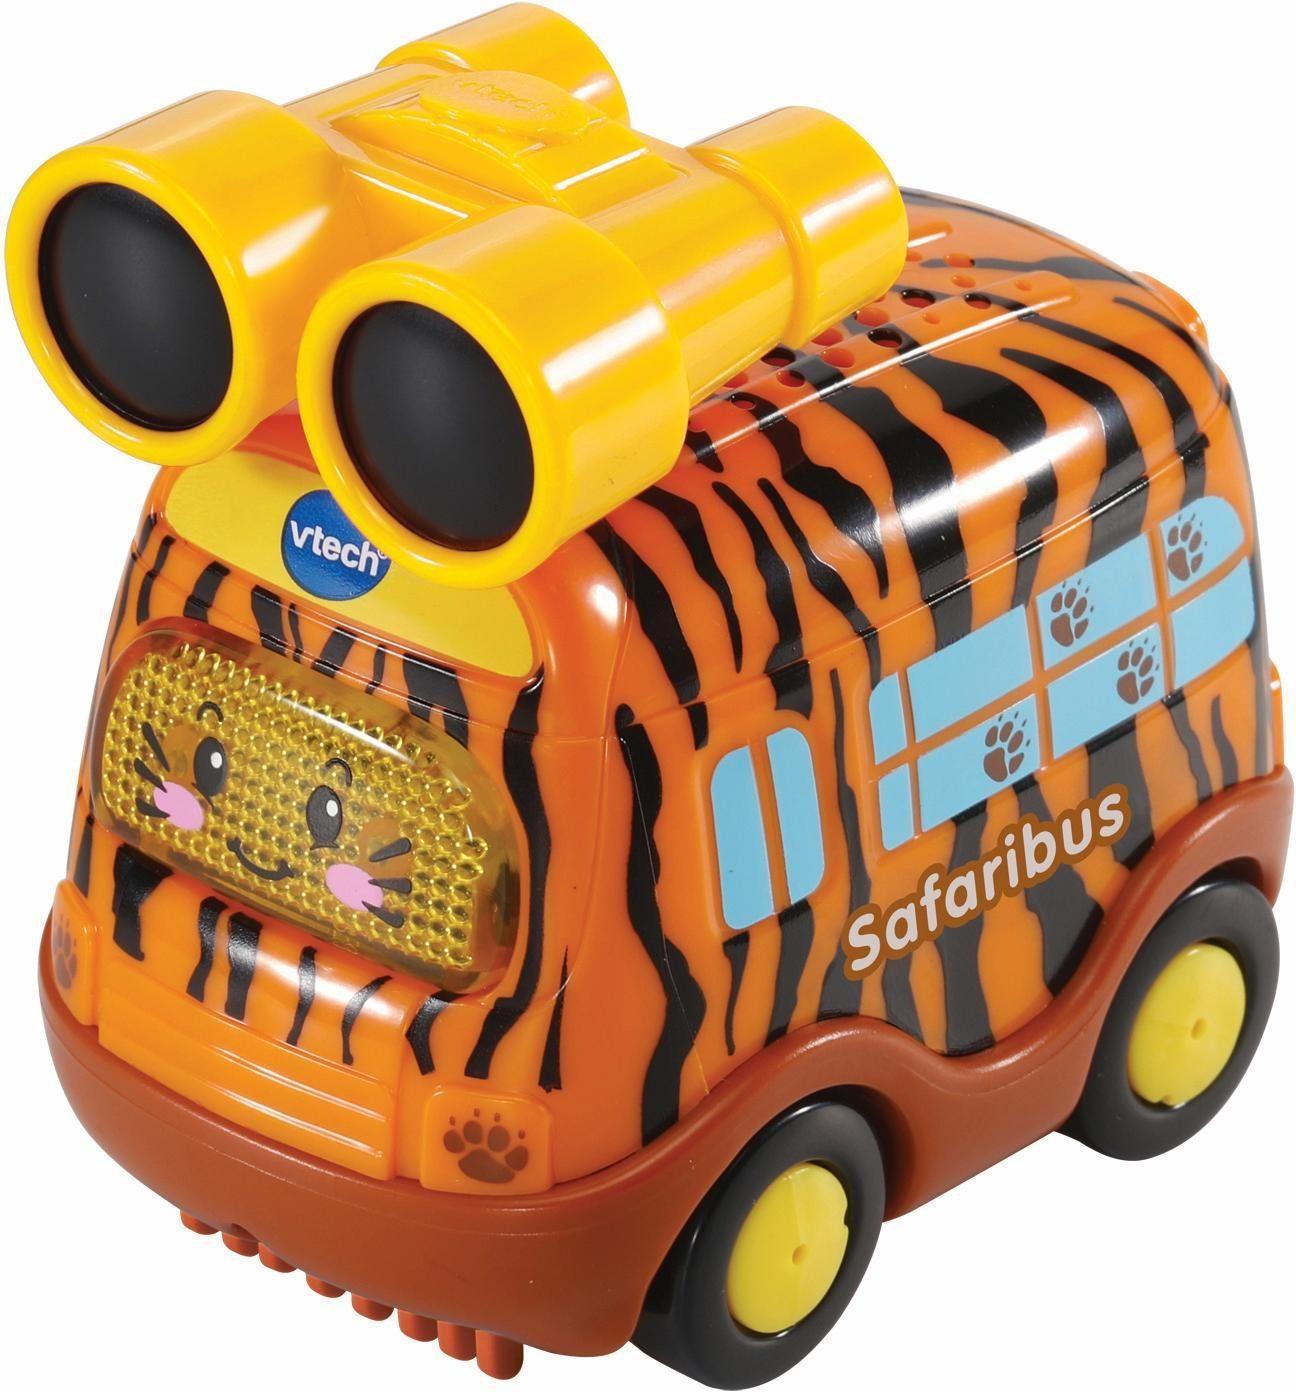 VTech Spielfahrzeug mit Licht und Sound, »Tut Tut Baby Flitzer Special Edition Safaribus«